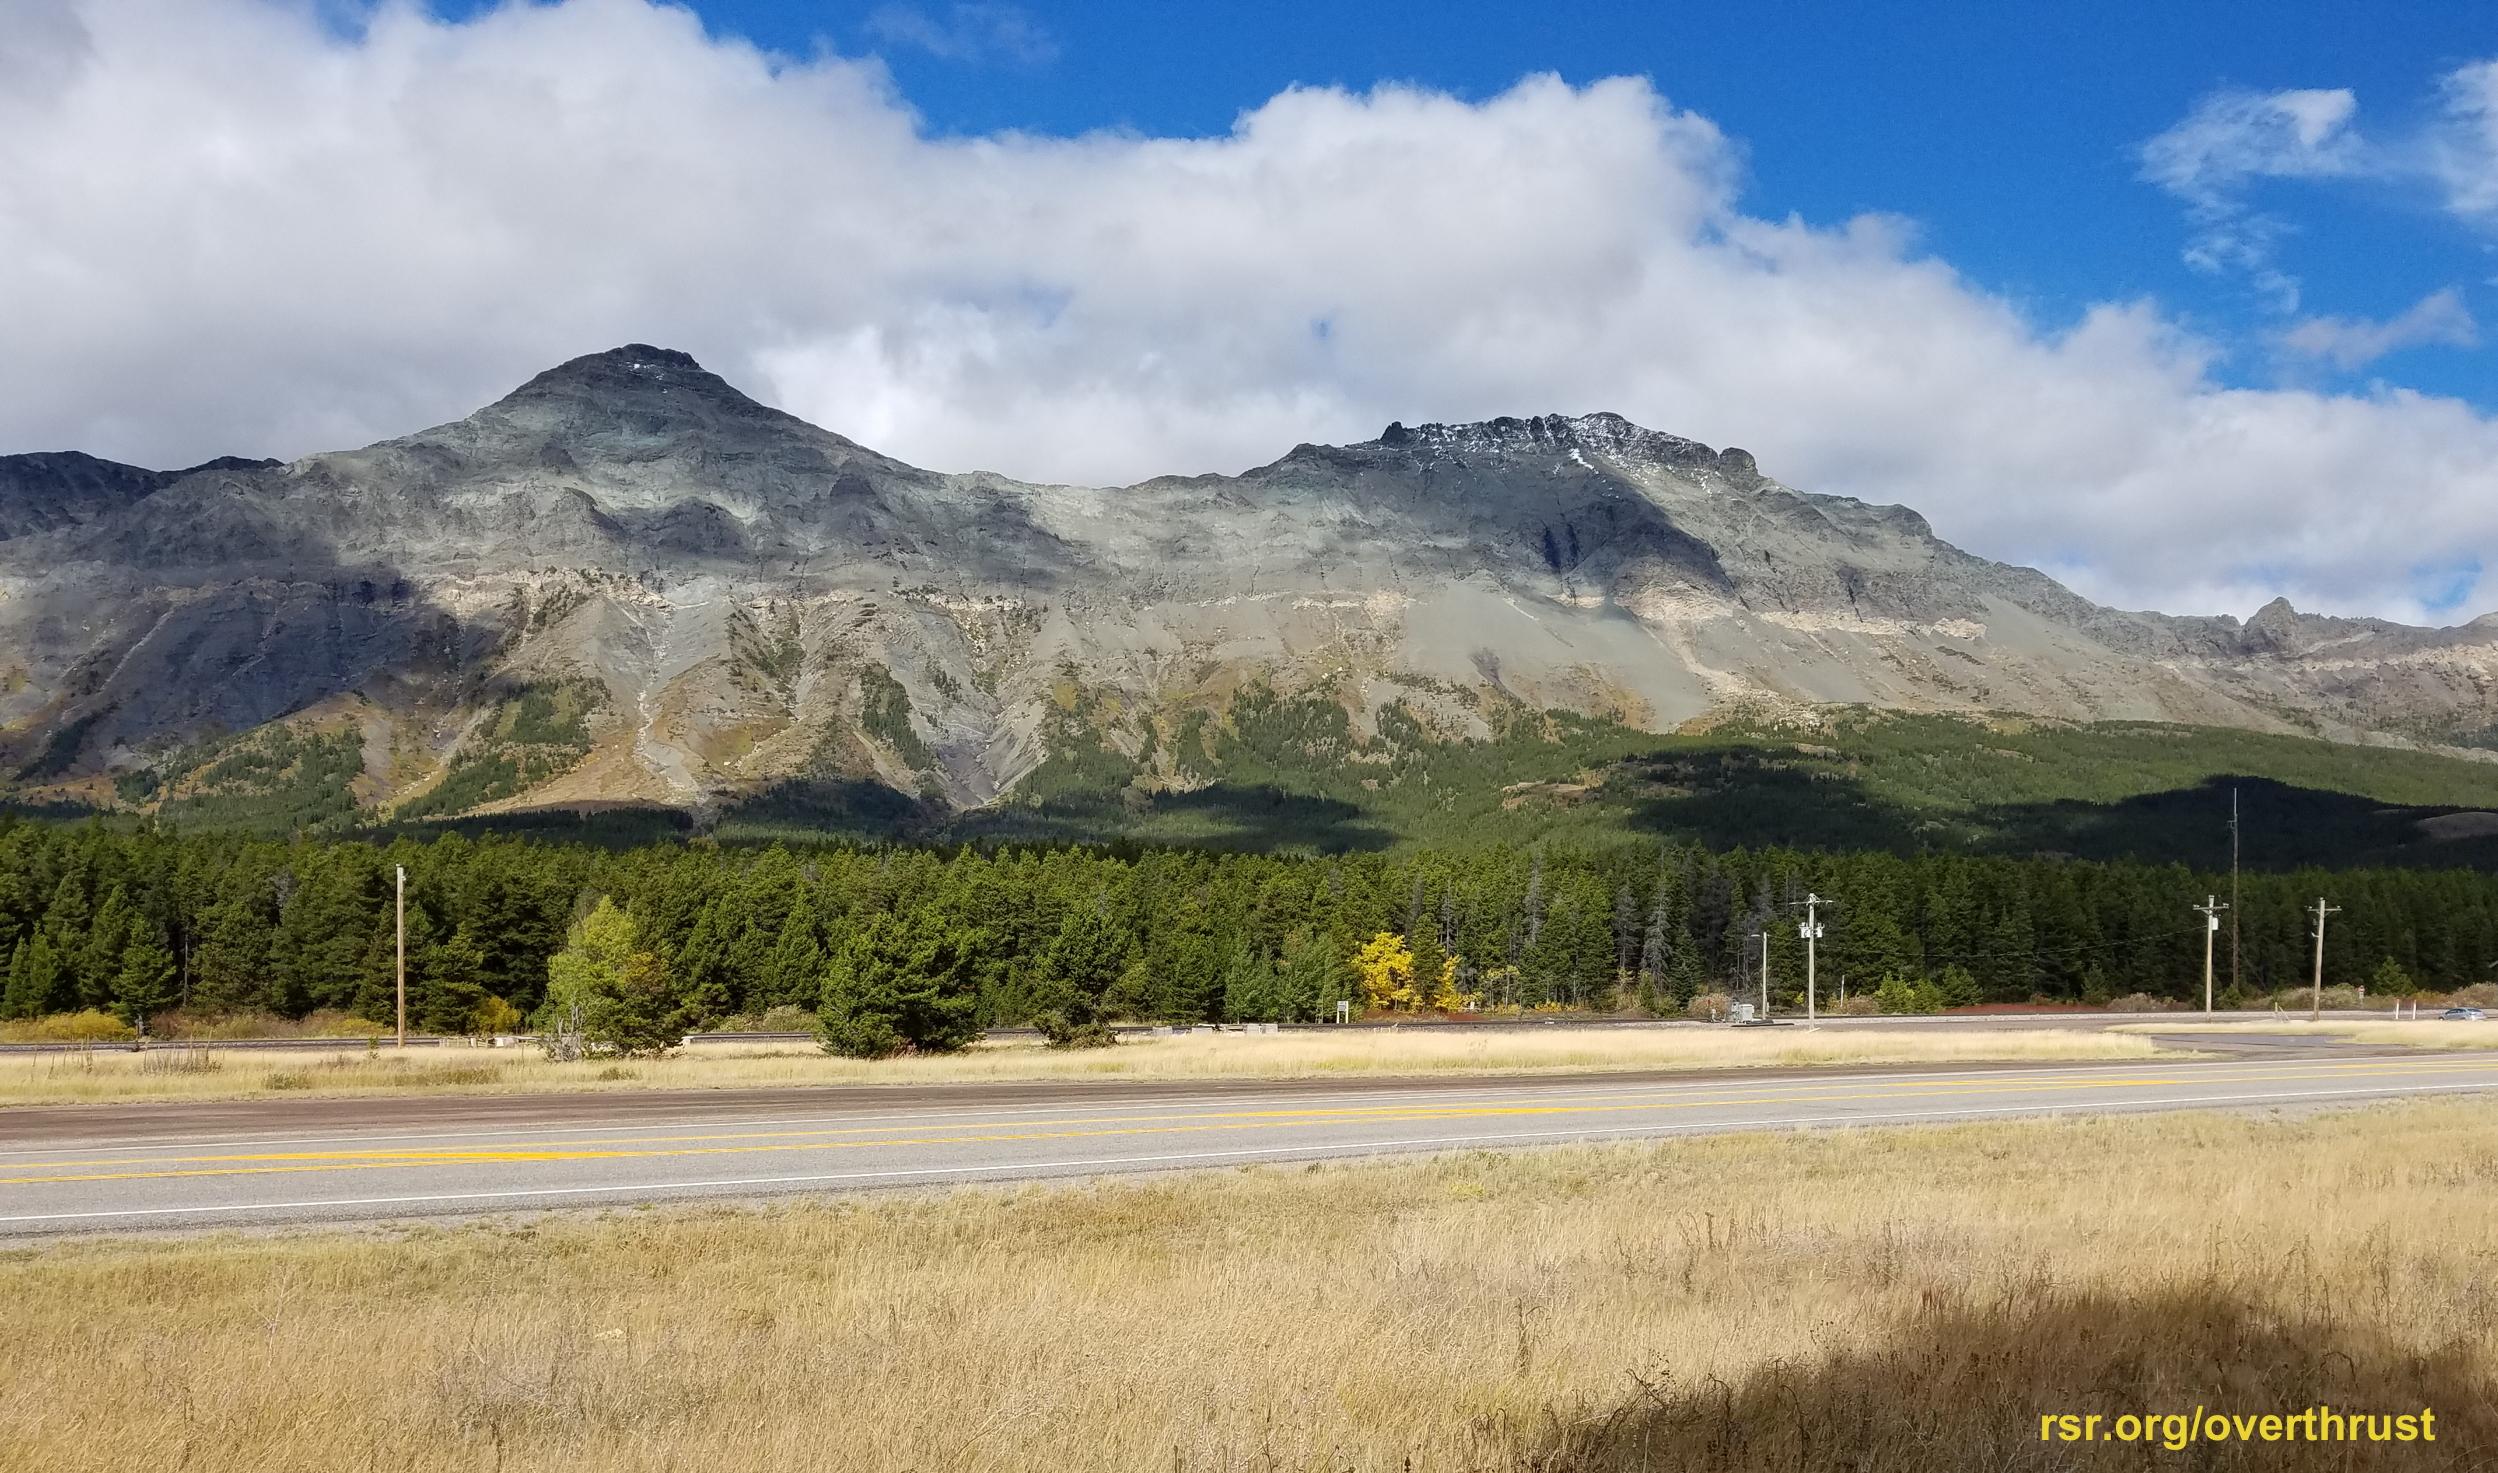 Lewis Overthrust Fault just outside of Glacier National Park